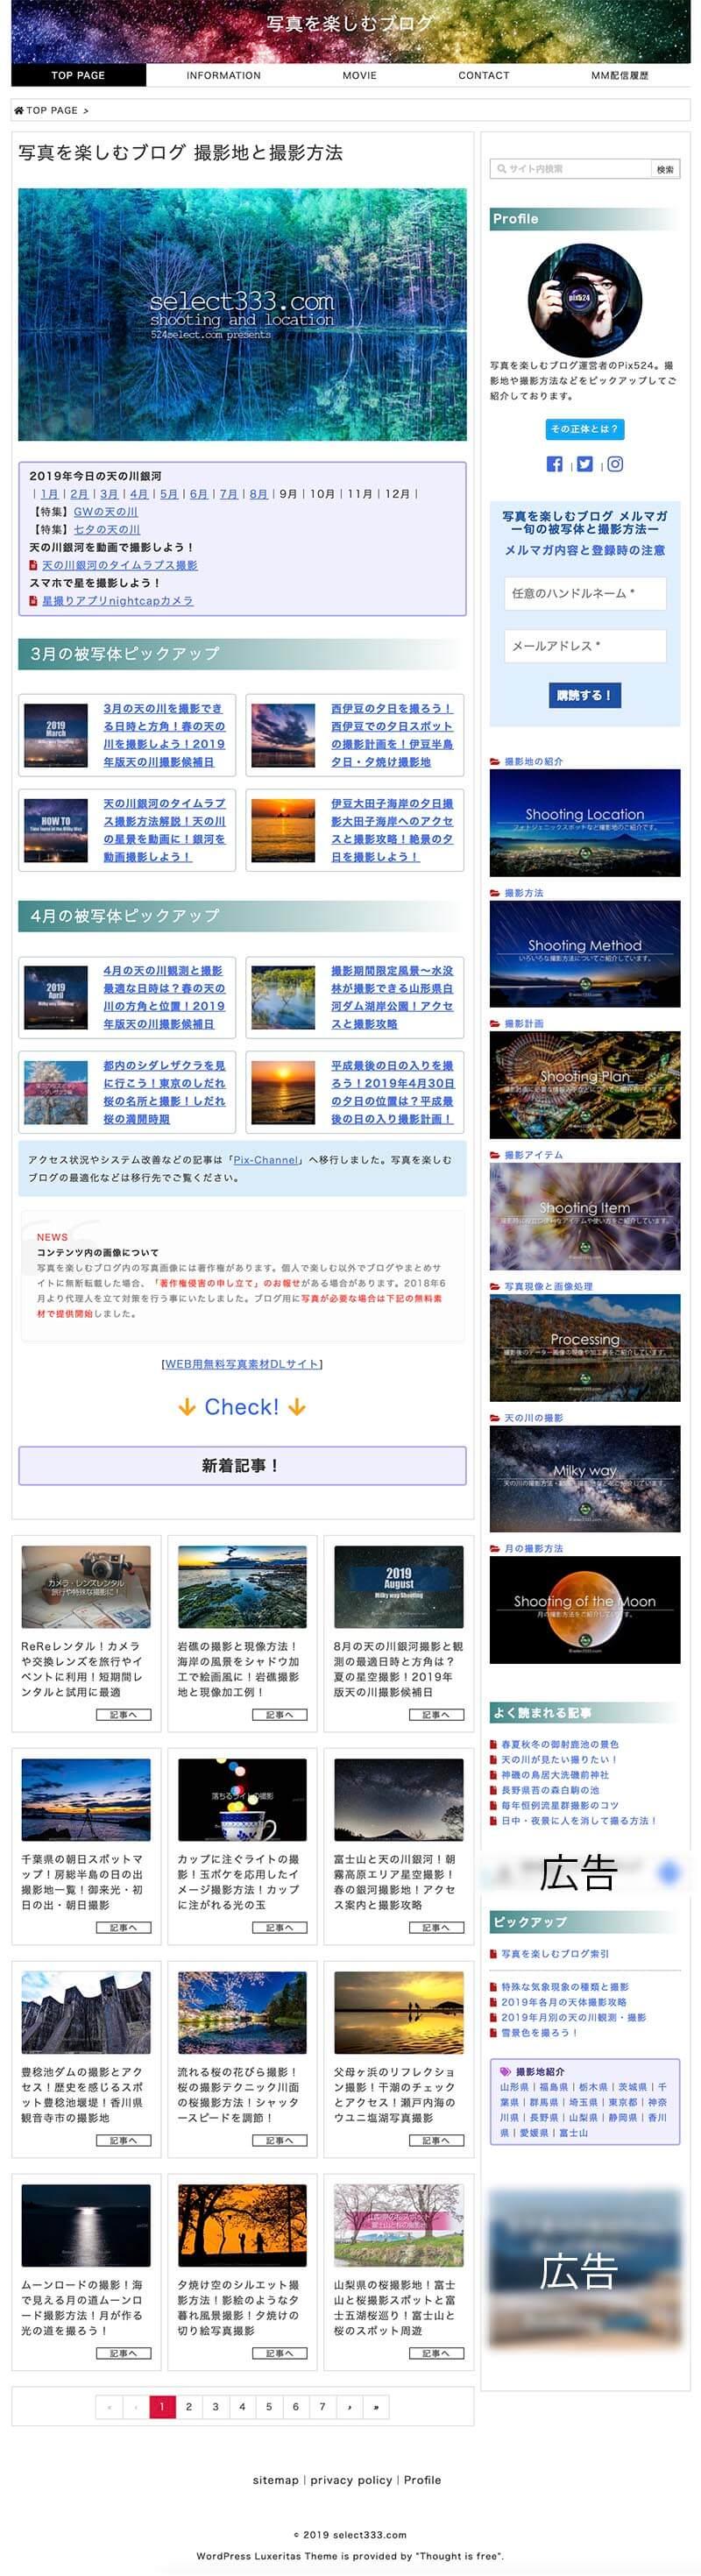 Luxeritasテーマトップページ例!固定ページ風新着記事一覧!固定ページの一覧表示風に